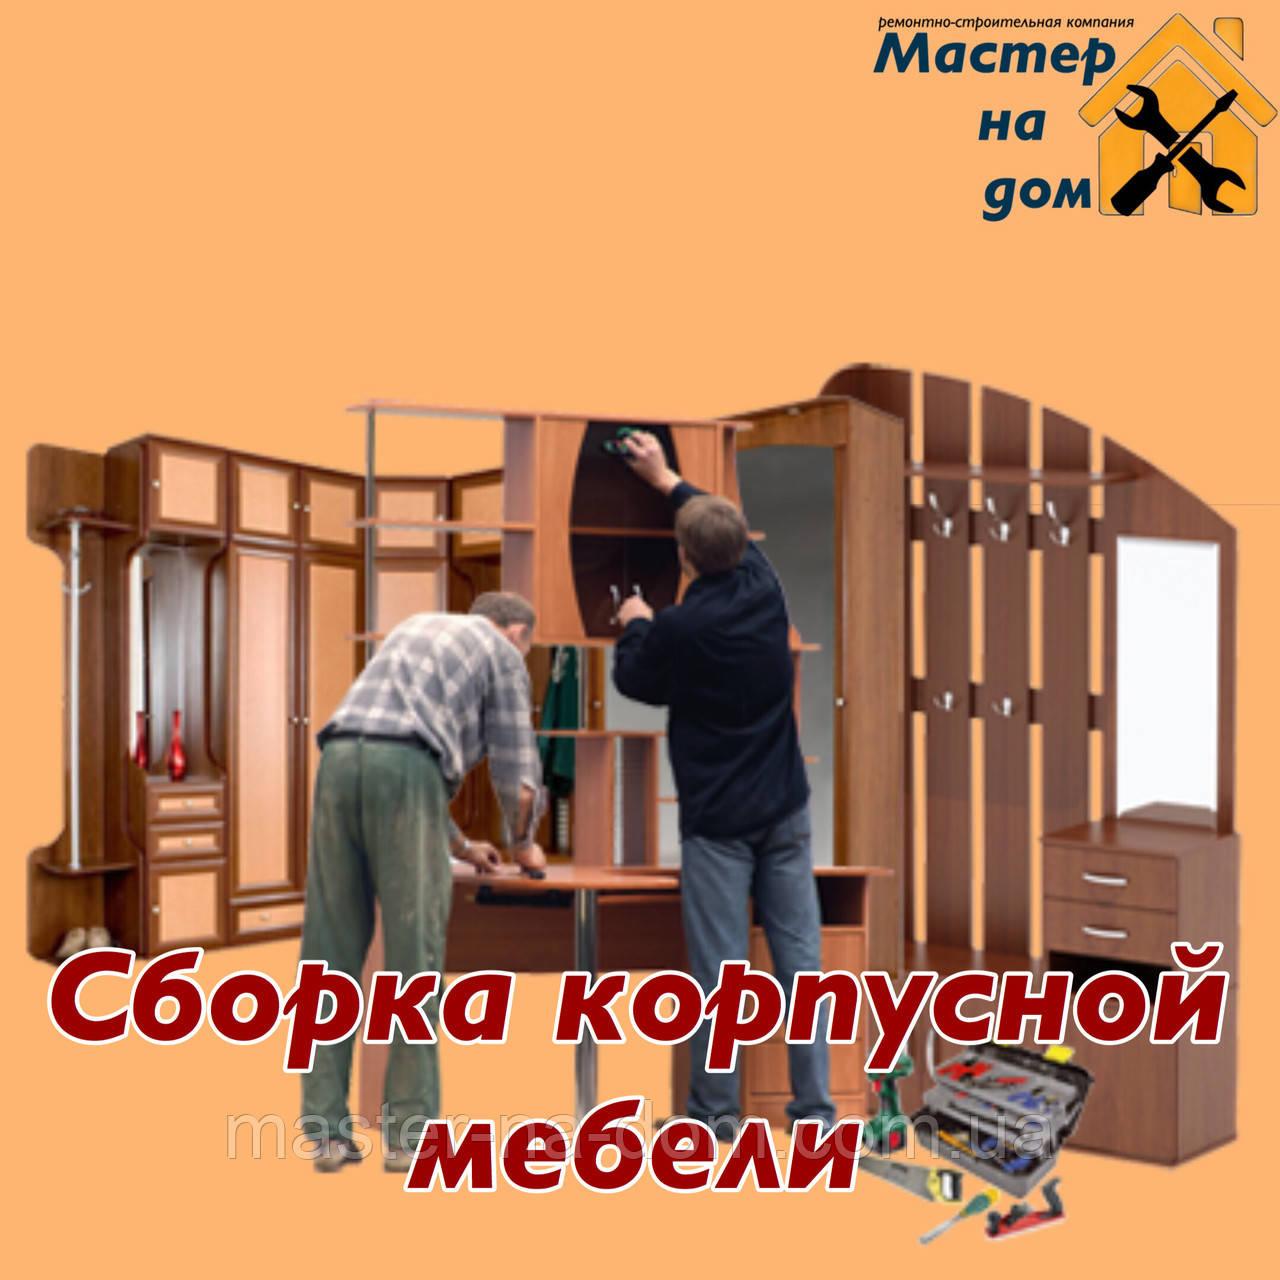 Сборка корпусной мебели в Днепре